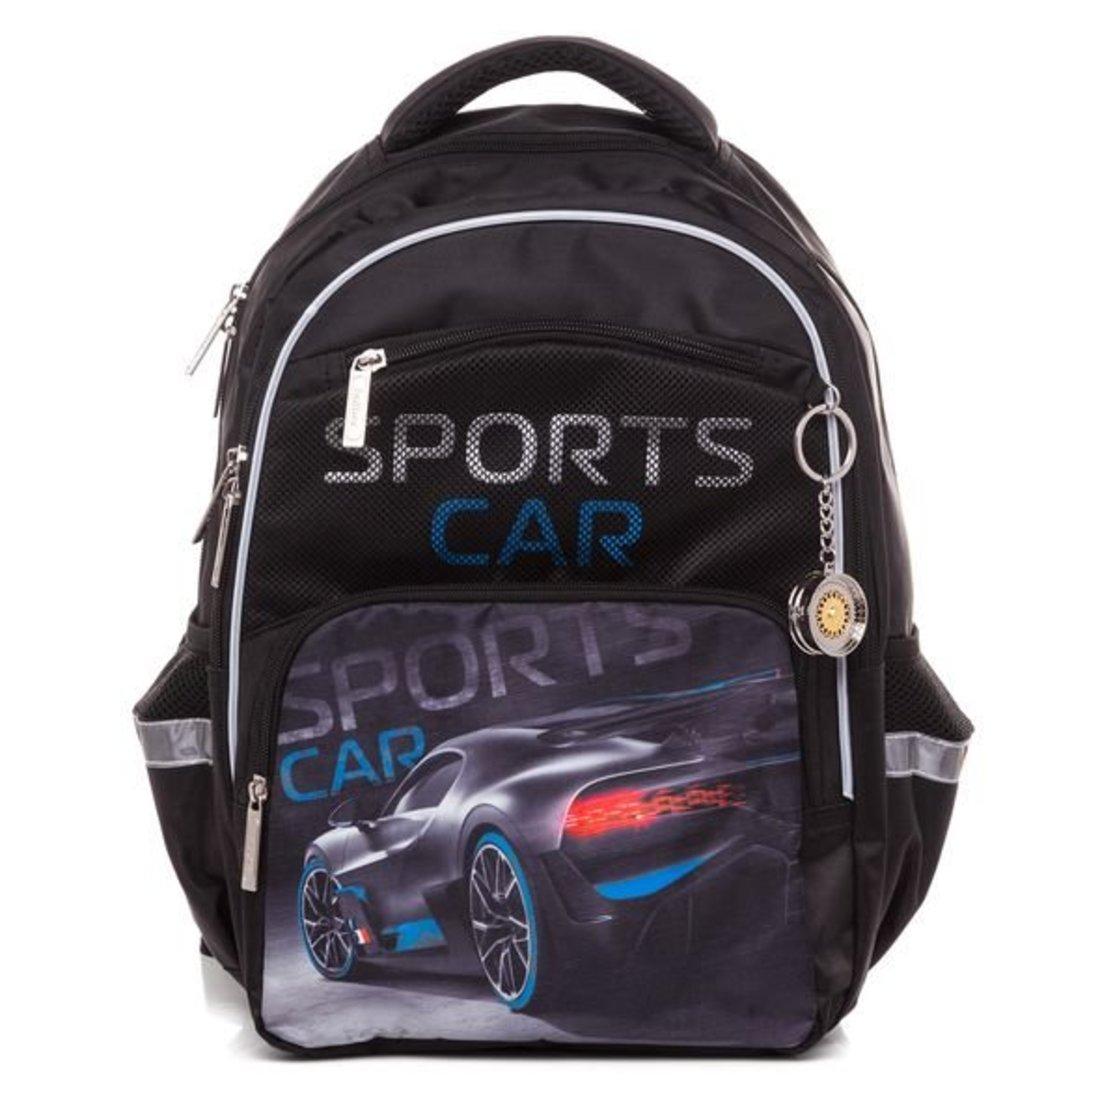 Рюкзак Hatber SOFT Sport car 37х28х17 см